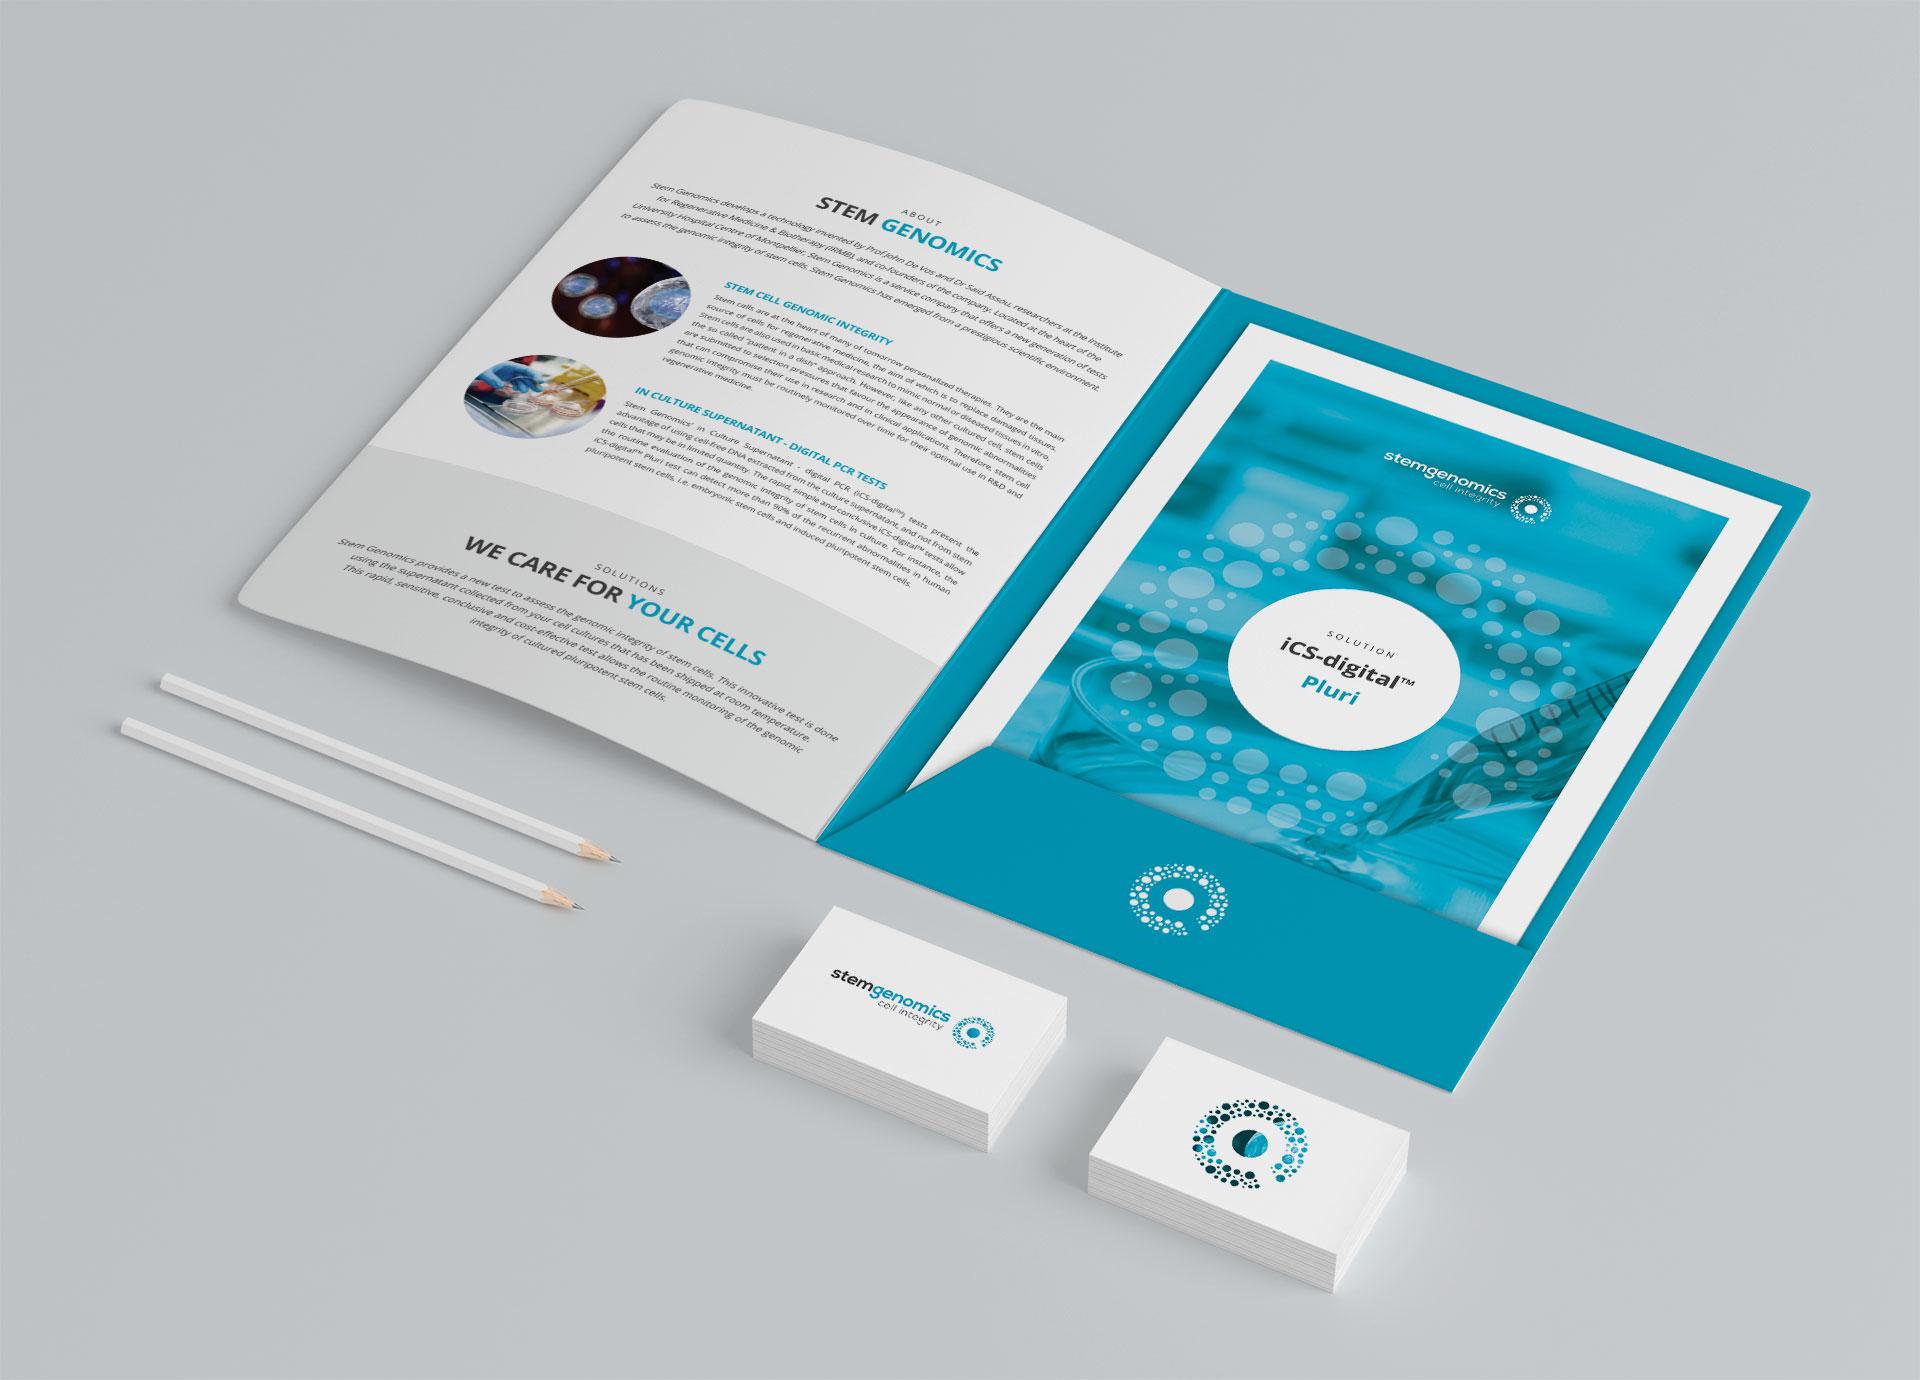 Creation plaquette fiches produits Stem Genomics Montpellier